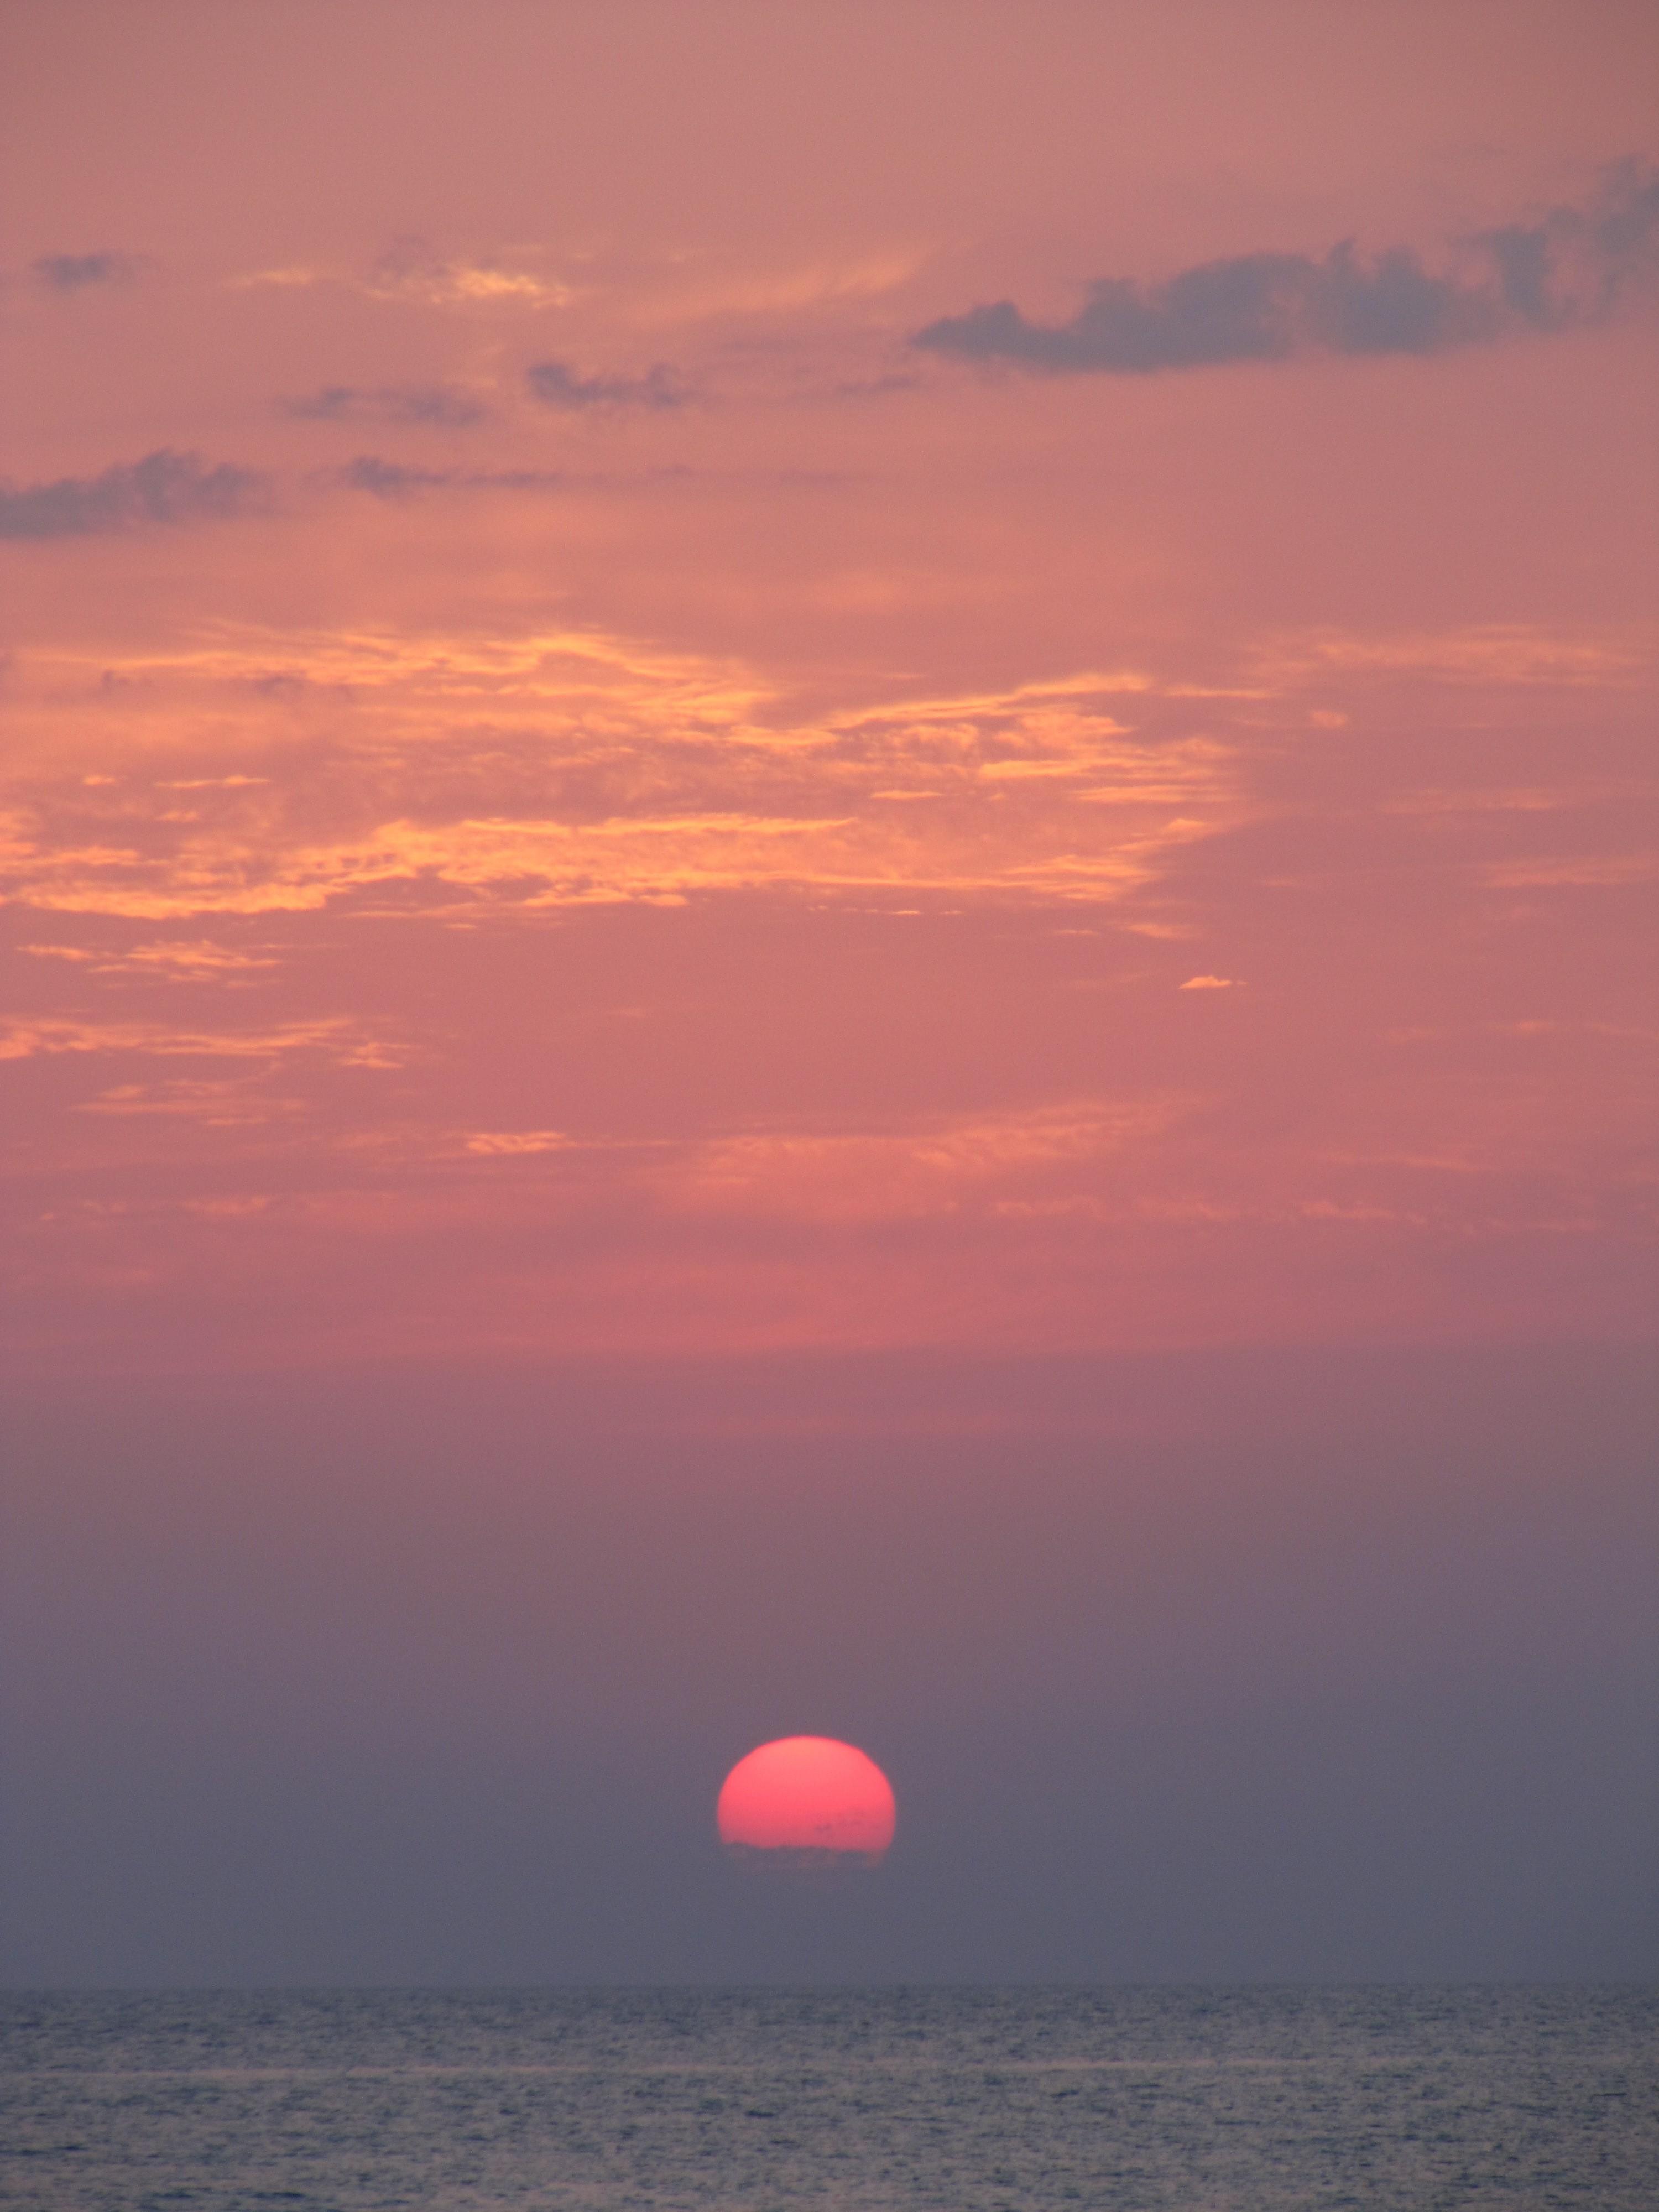 9504 скачать обои Пейзаж, Закат, Небо, Море, Солнце - заставки и картинки бесплатно